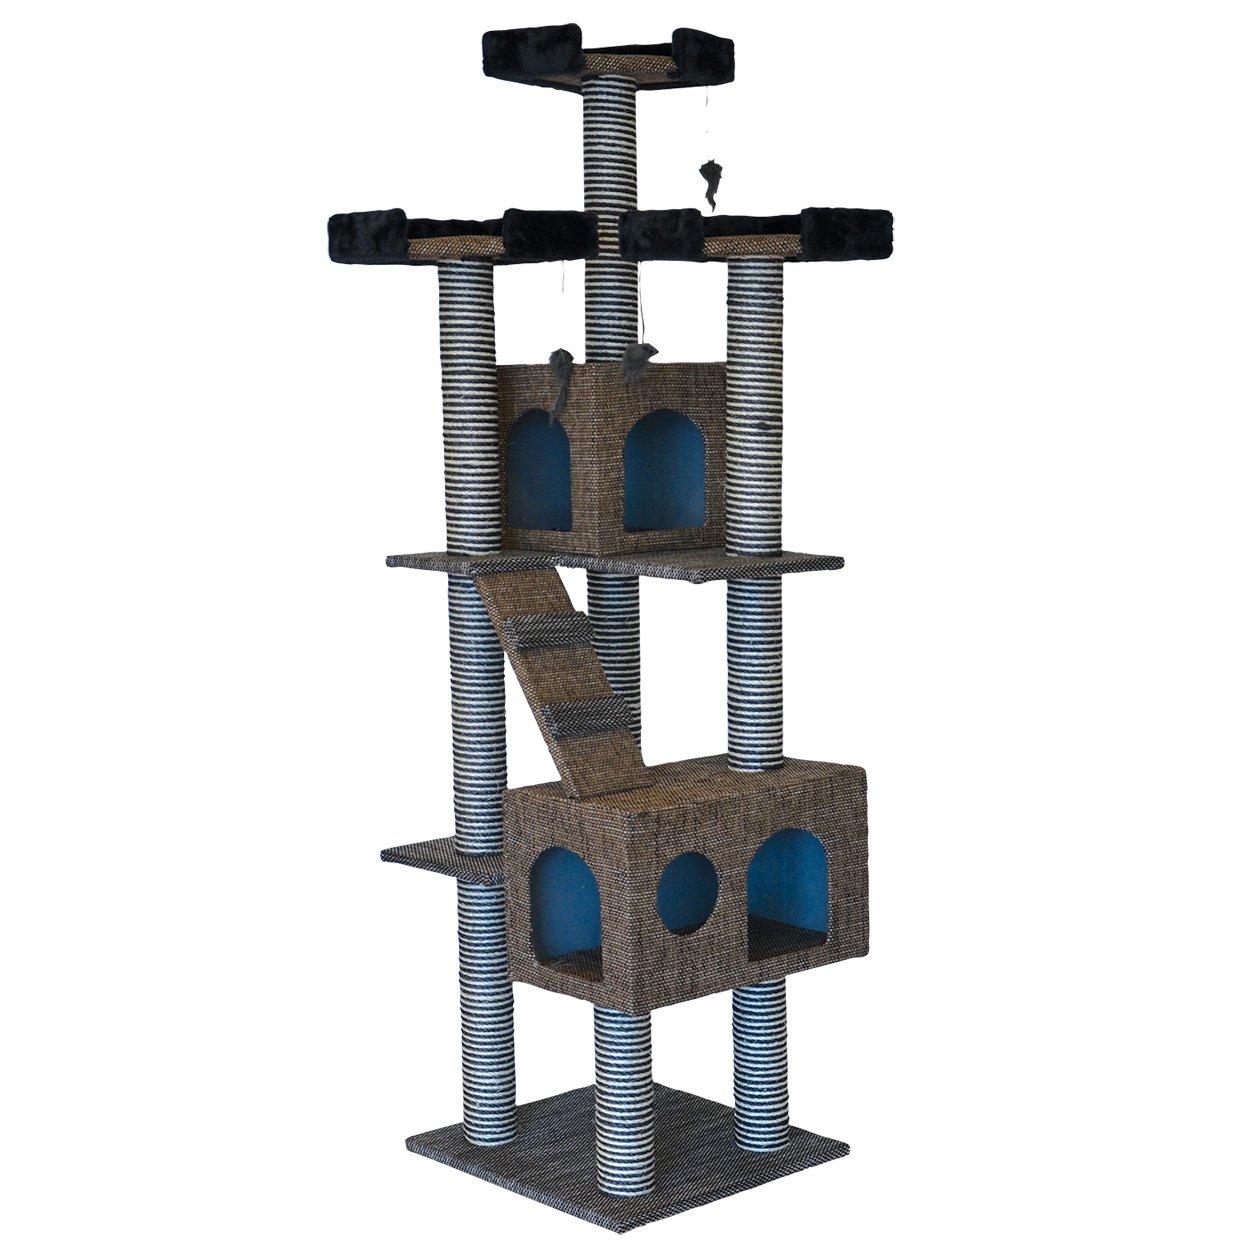 Animal Treasures 14854 Cat Tree Tower Scratcher, 72